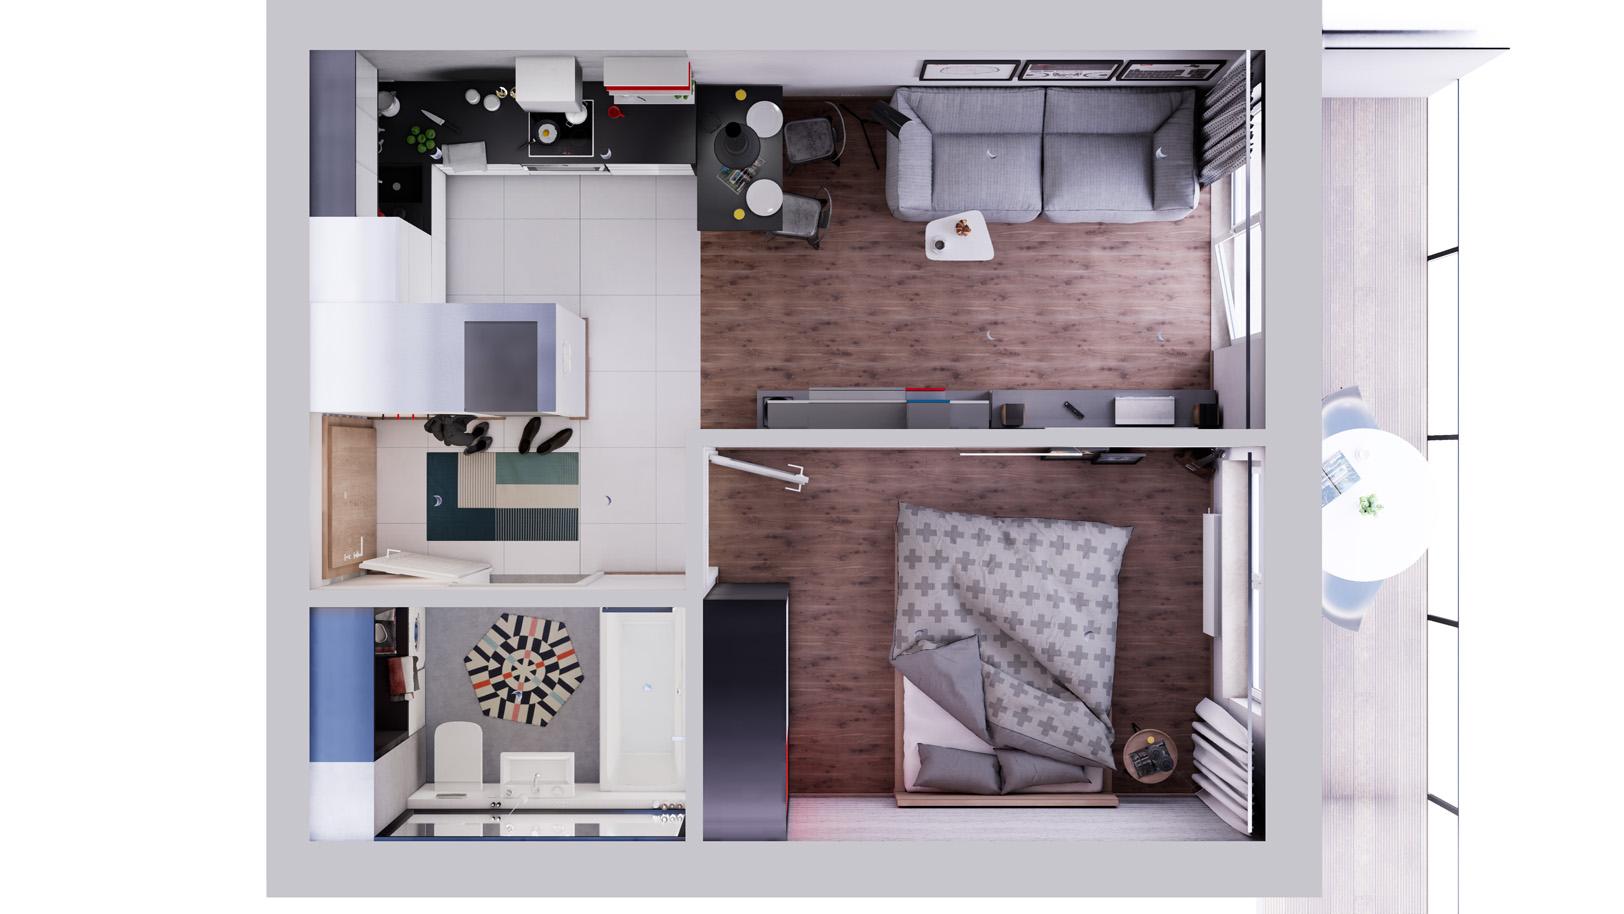 c752376a316474 Bezpieczny zakup mieszkania tylko u solidnego dewelopera - DevelopRes